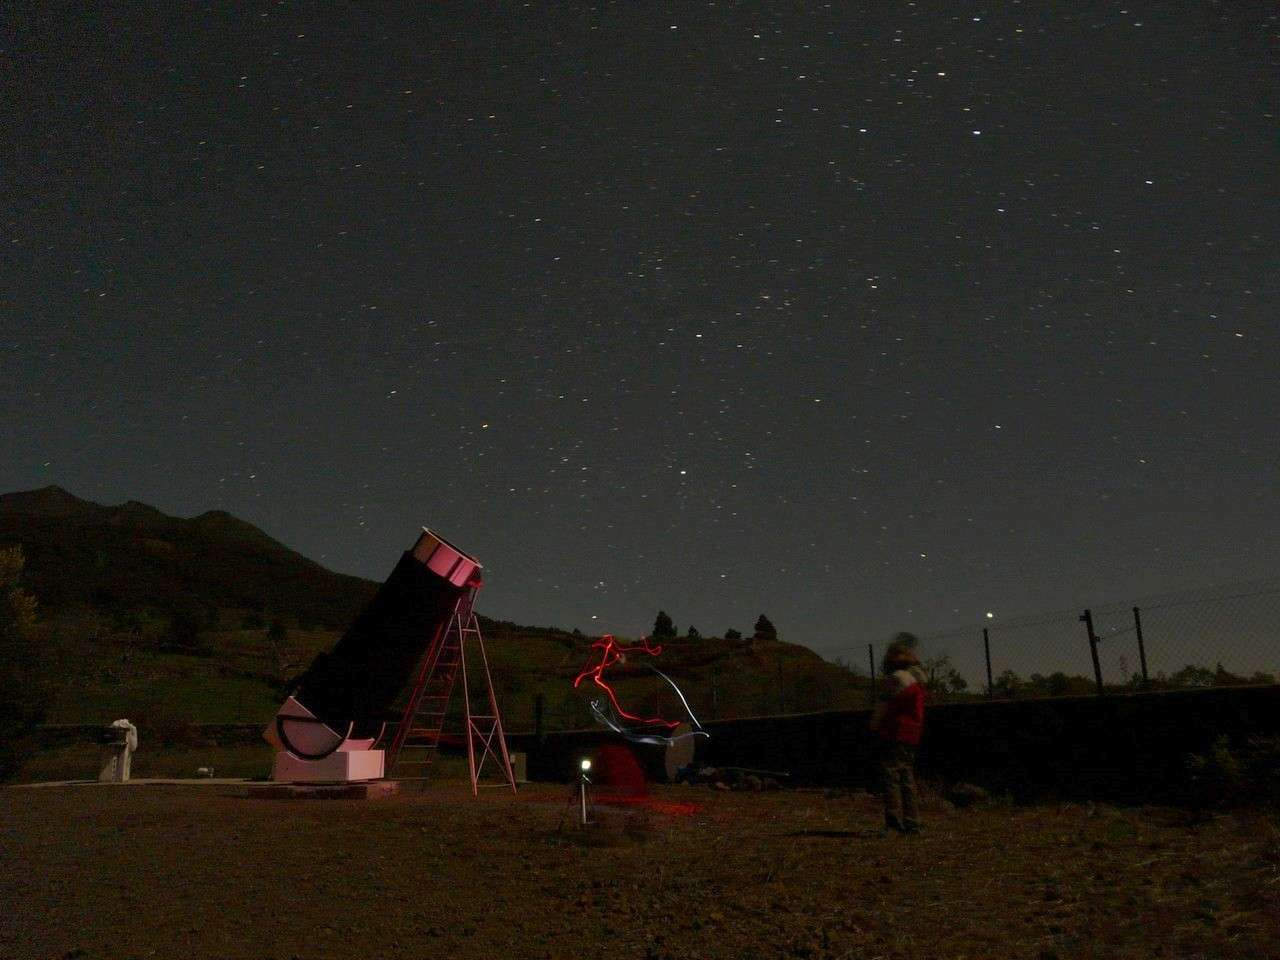 Un ciel étoilé, un télescope, un animateur passionné : trois ingrédients indispensables pour des Nuits des étoiles réussies. Crédit J.-B. Feldmann